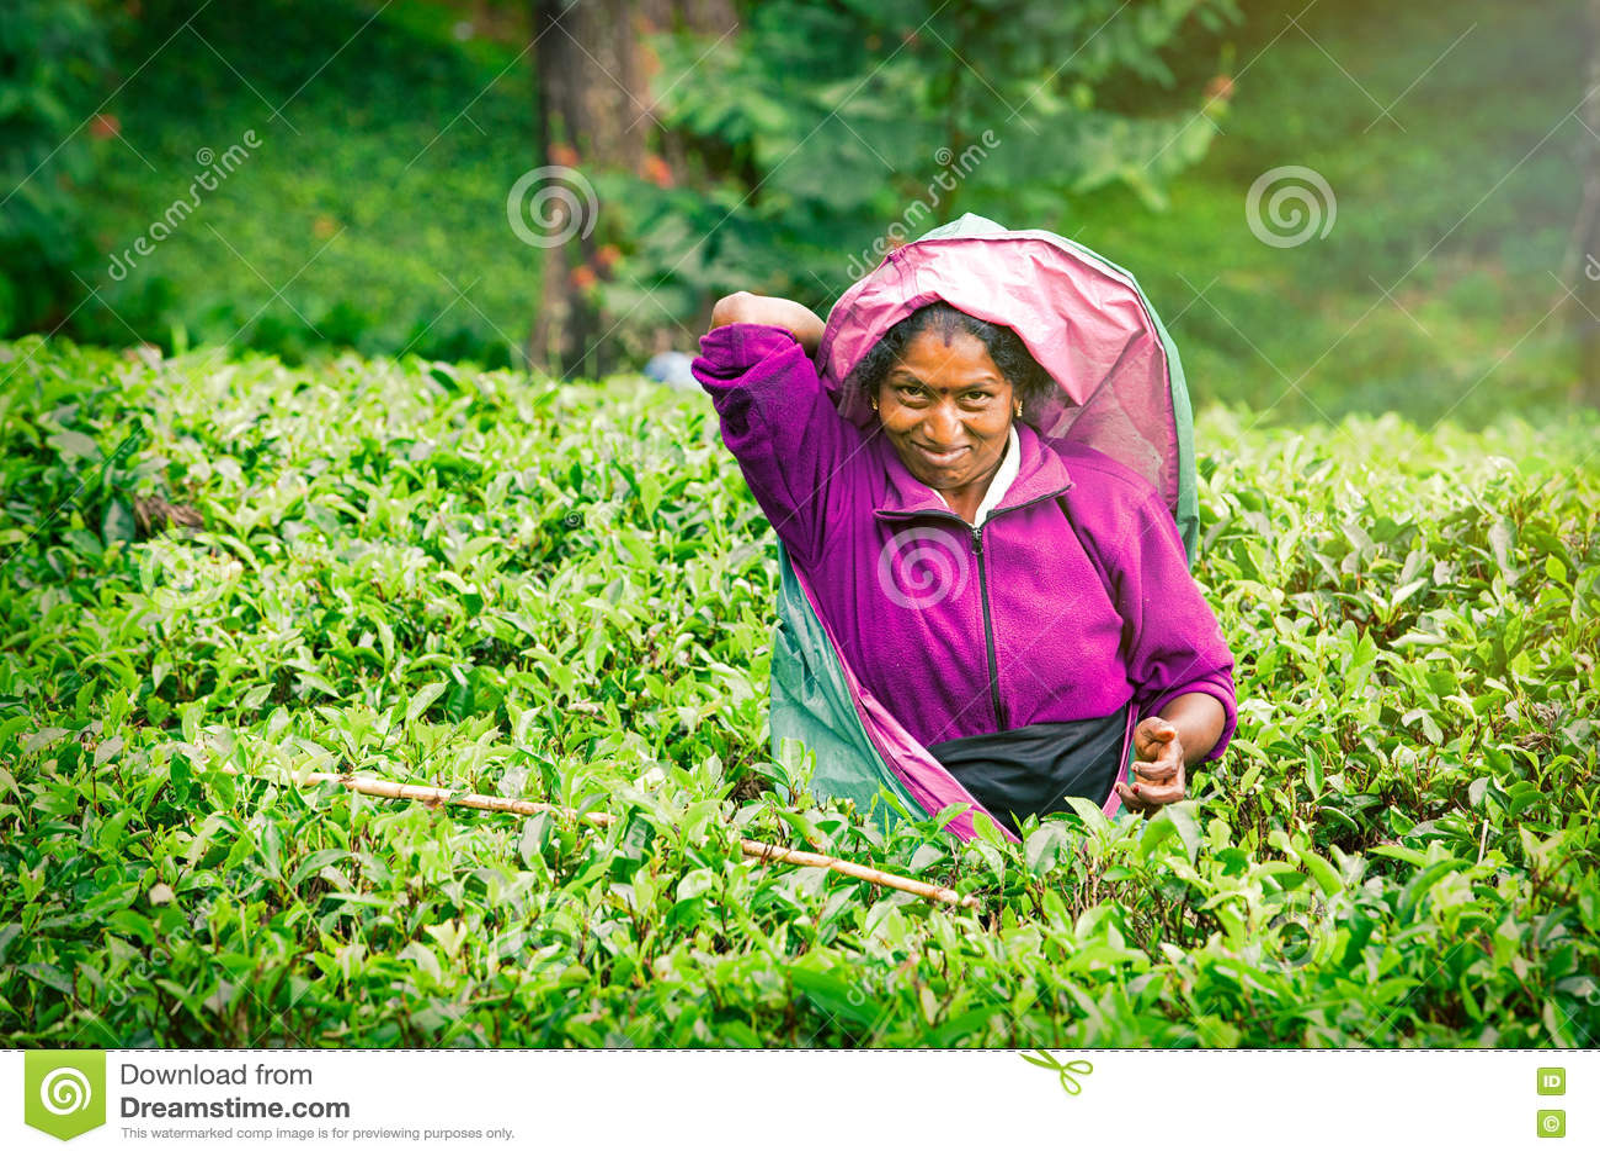 Χαμογελώντας γυναίκα που εργάζεται στη φυτεία τσαγιού Sri Lankan